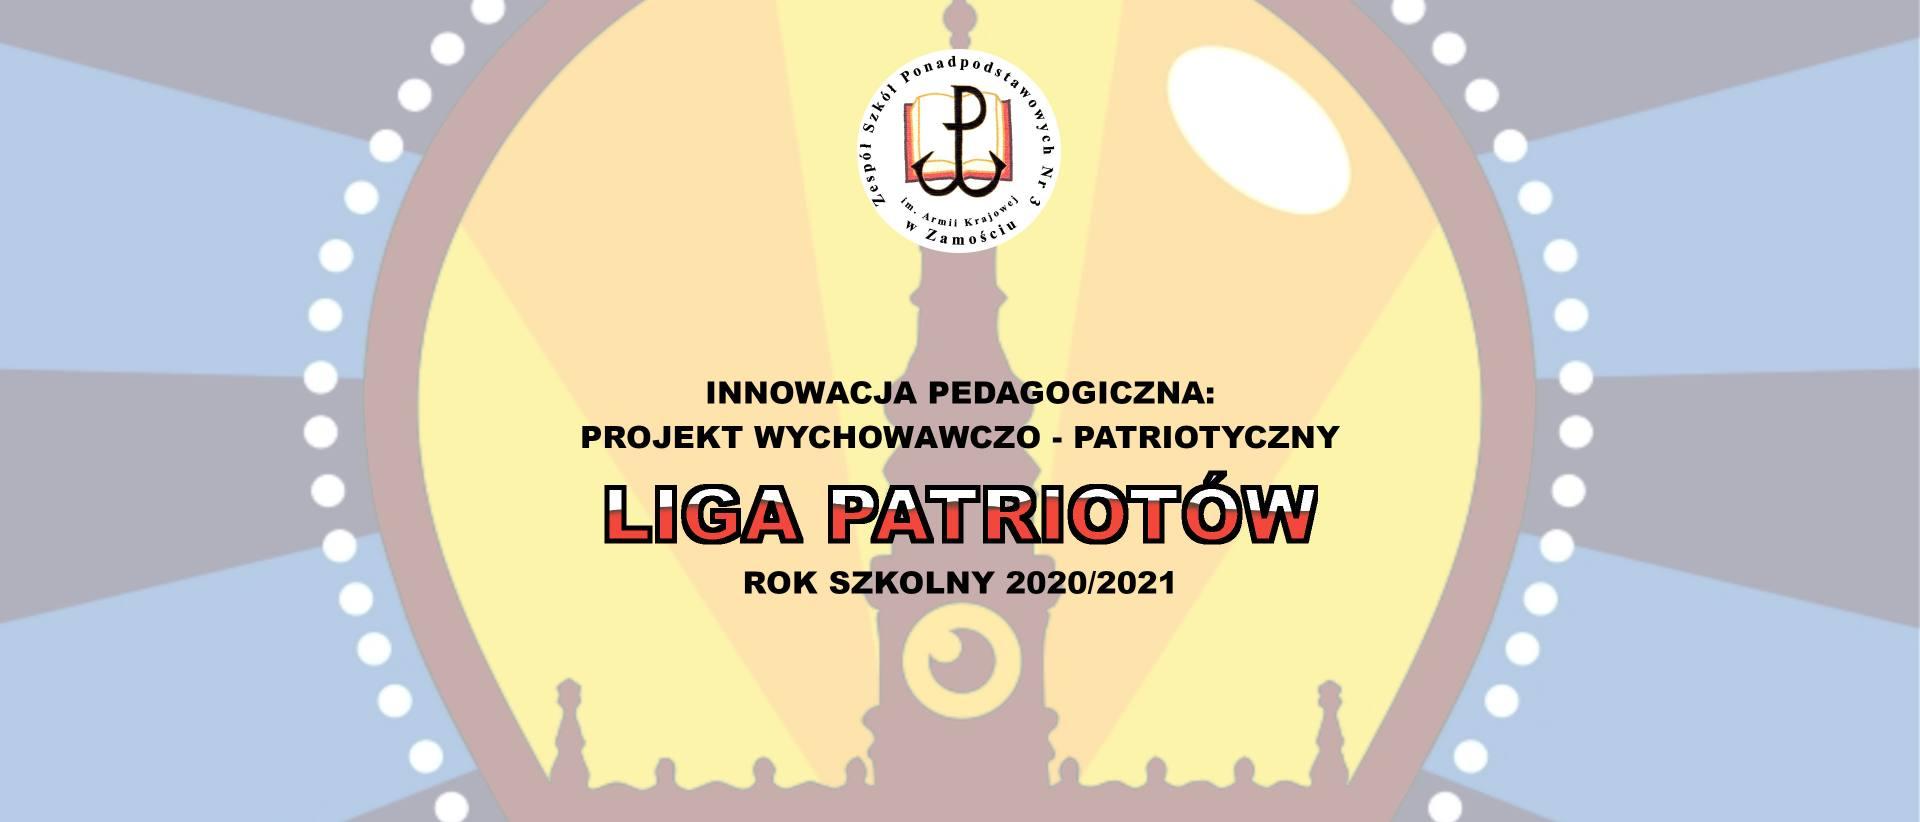 innowacja start Innowacja zamojskiego Elektryka najlepsza na Lubelszczyźnie!